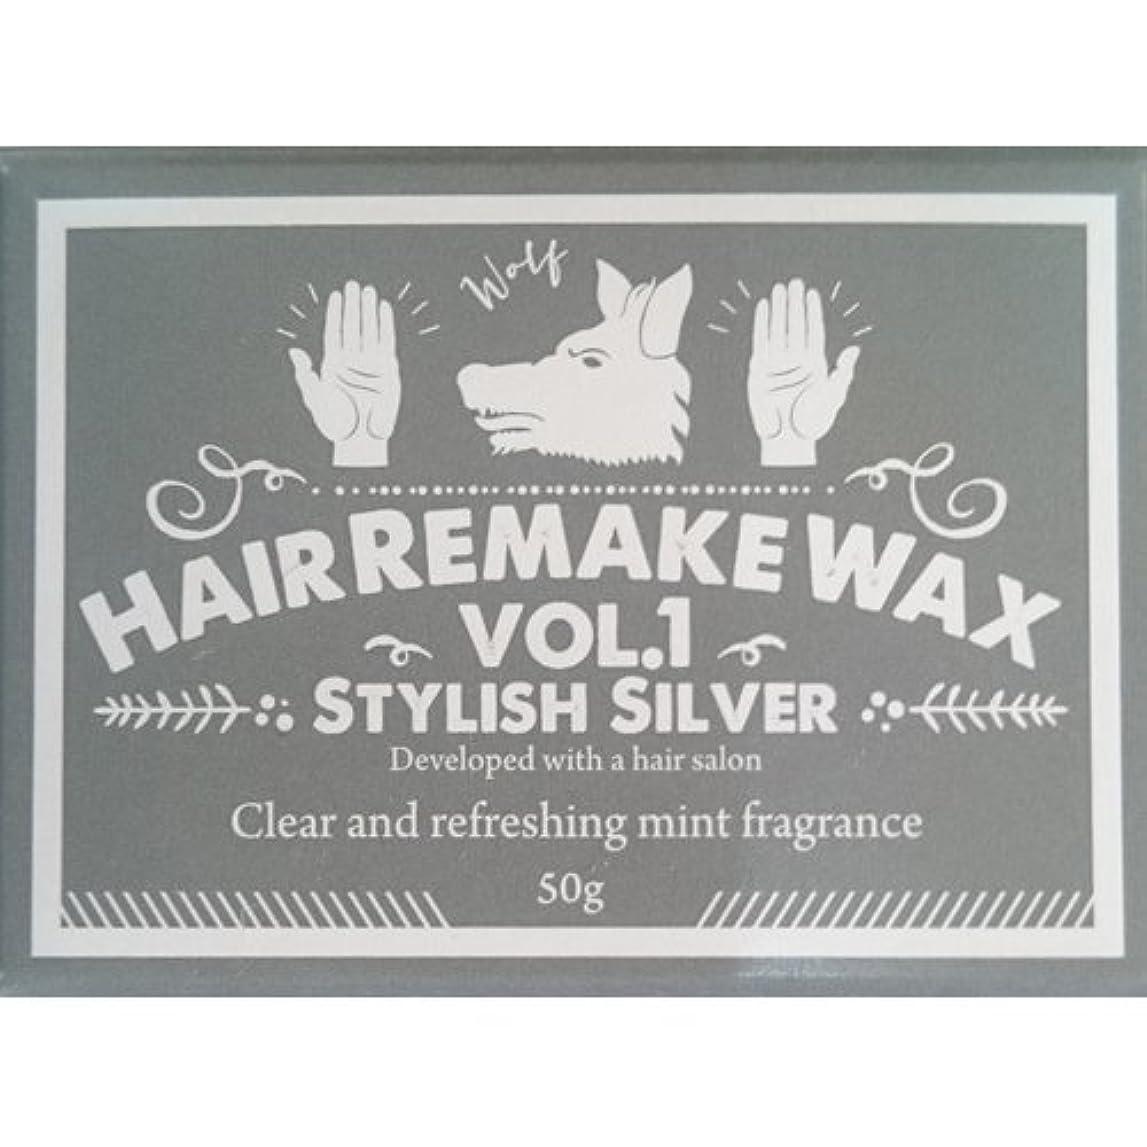 はちみつマングル結果としてパーティー 変装 銀髪用 Hair Remake(ヘアーリメイクワックス)WAX Vol.1 スタイリッシュシルバー 50g